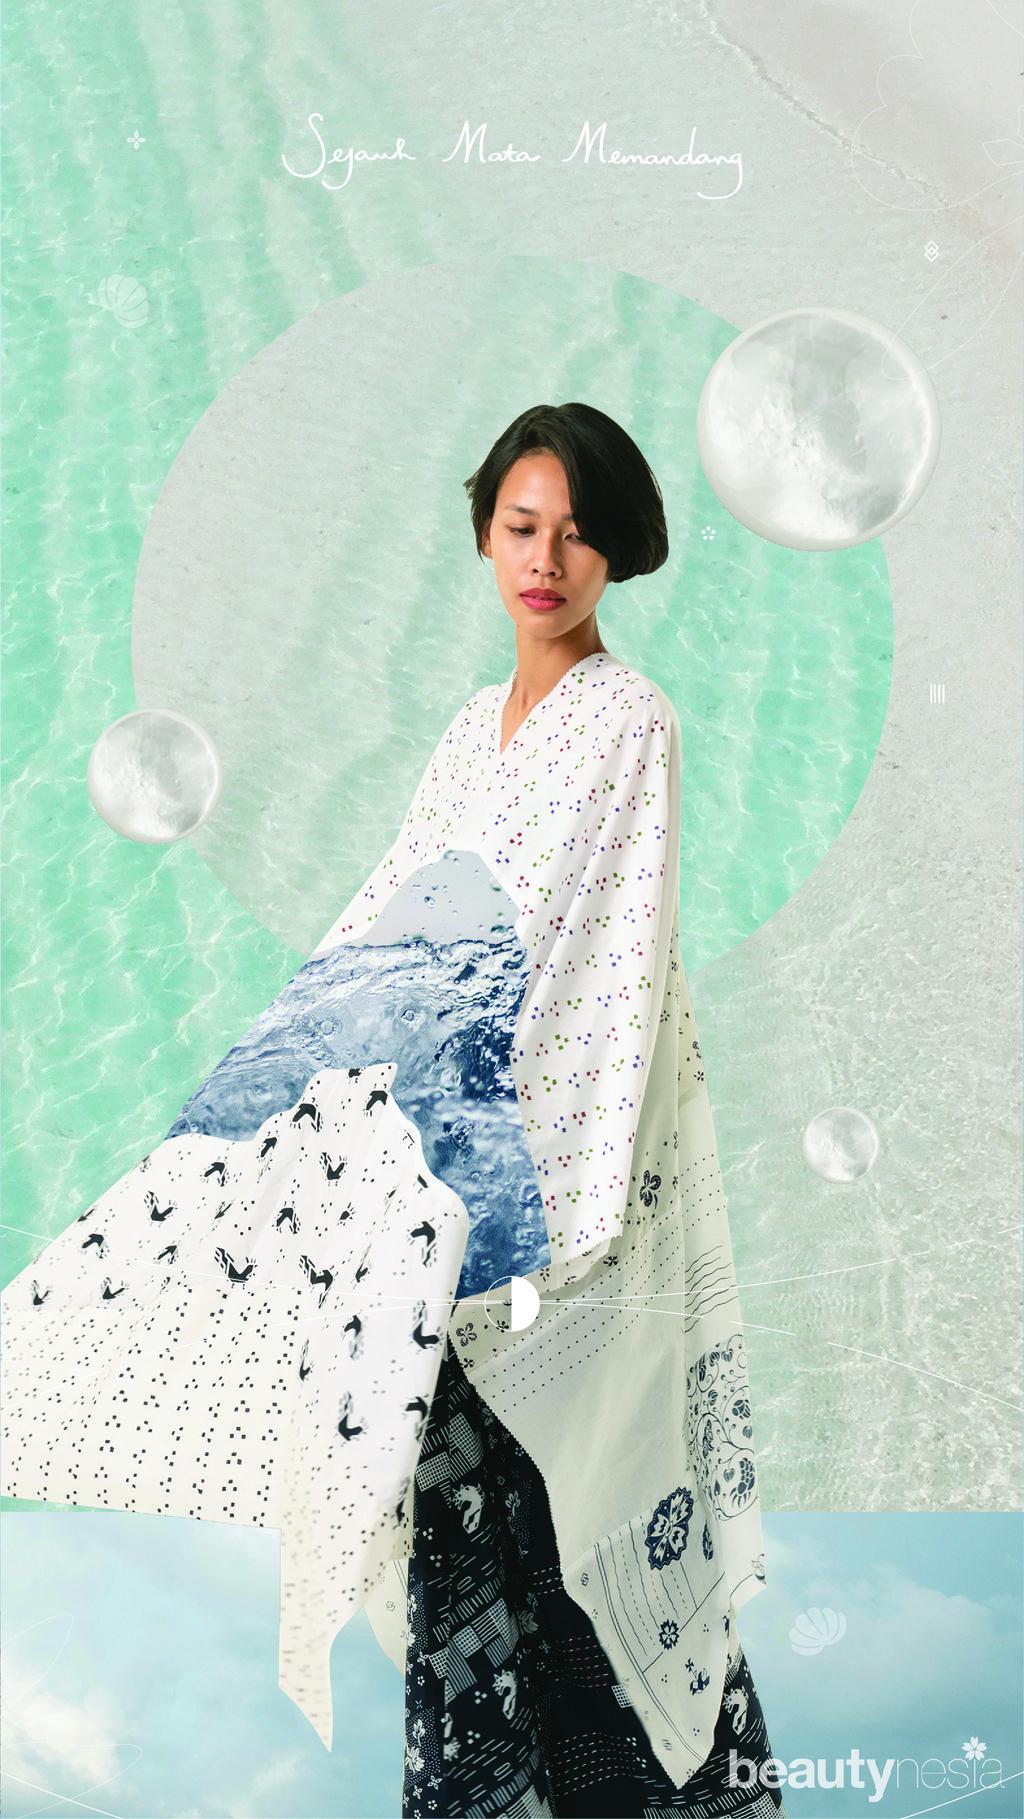 Desainer Indonesia di Galeries Lafayette, Sejauh mata memandang, Ghea, Bali Java,